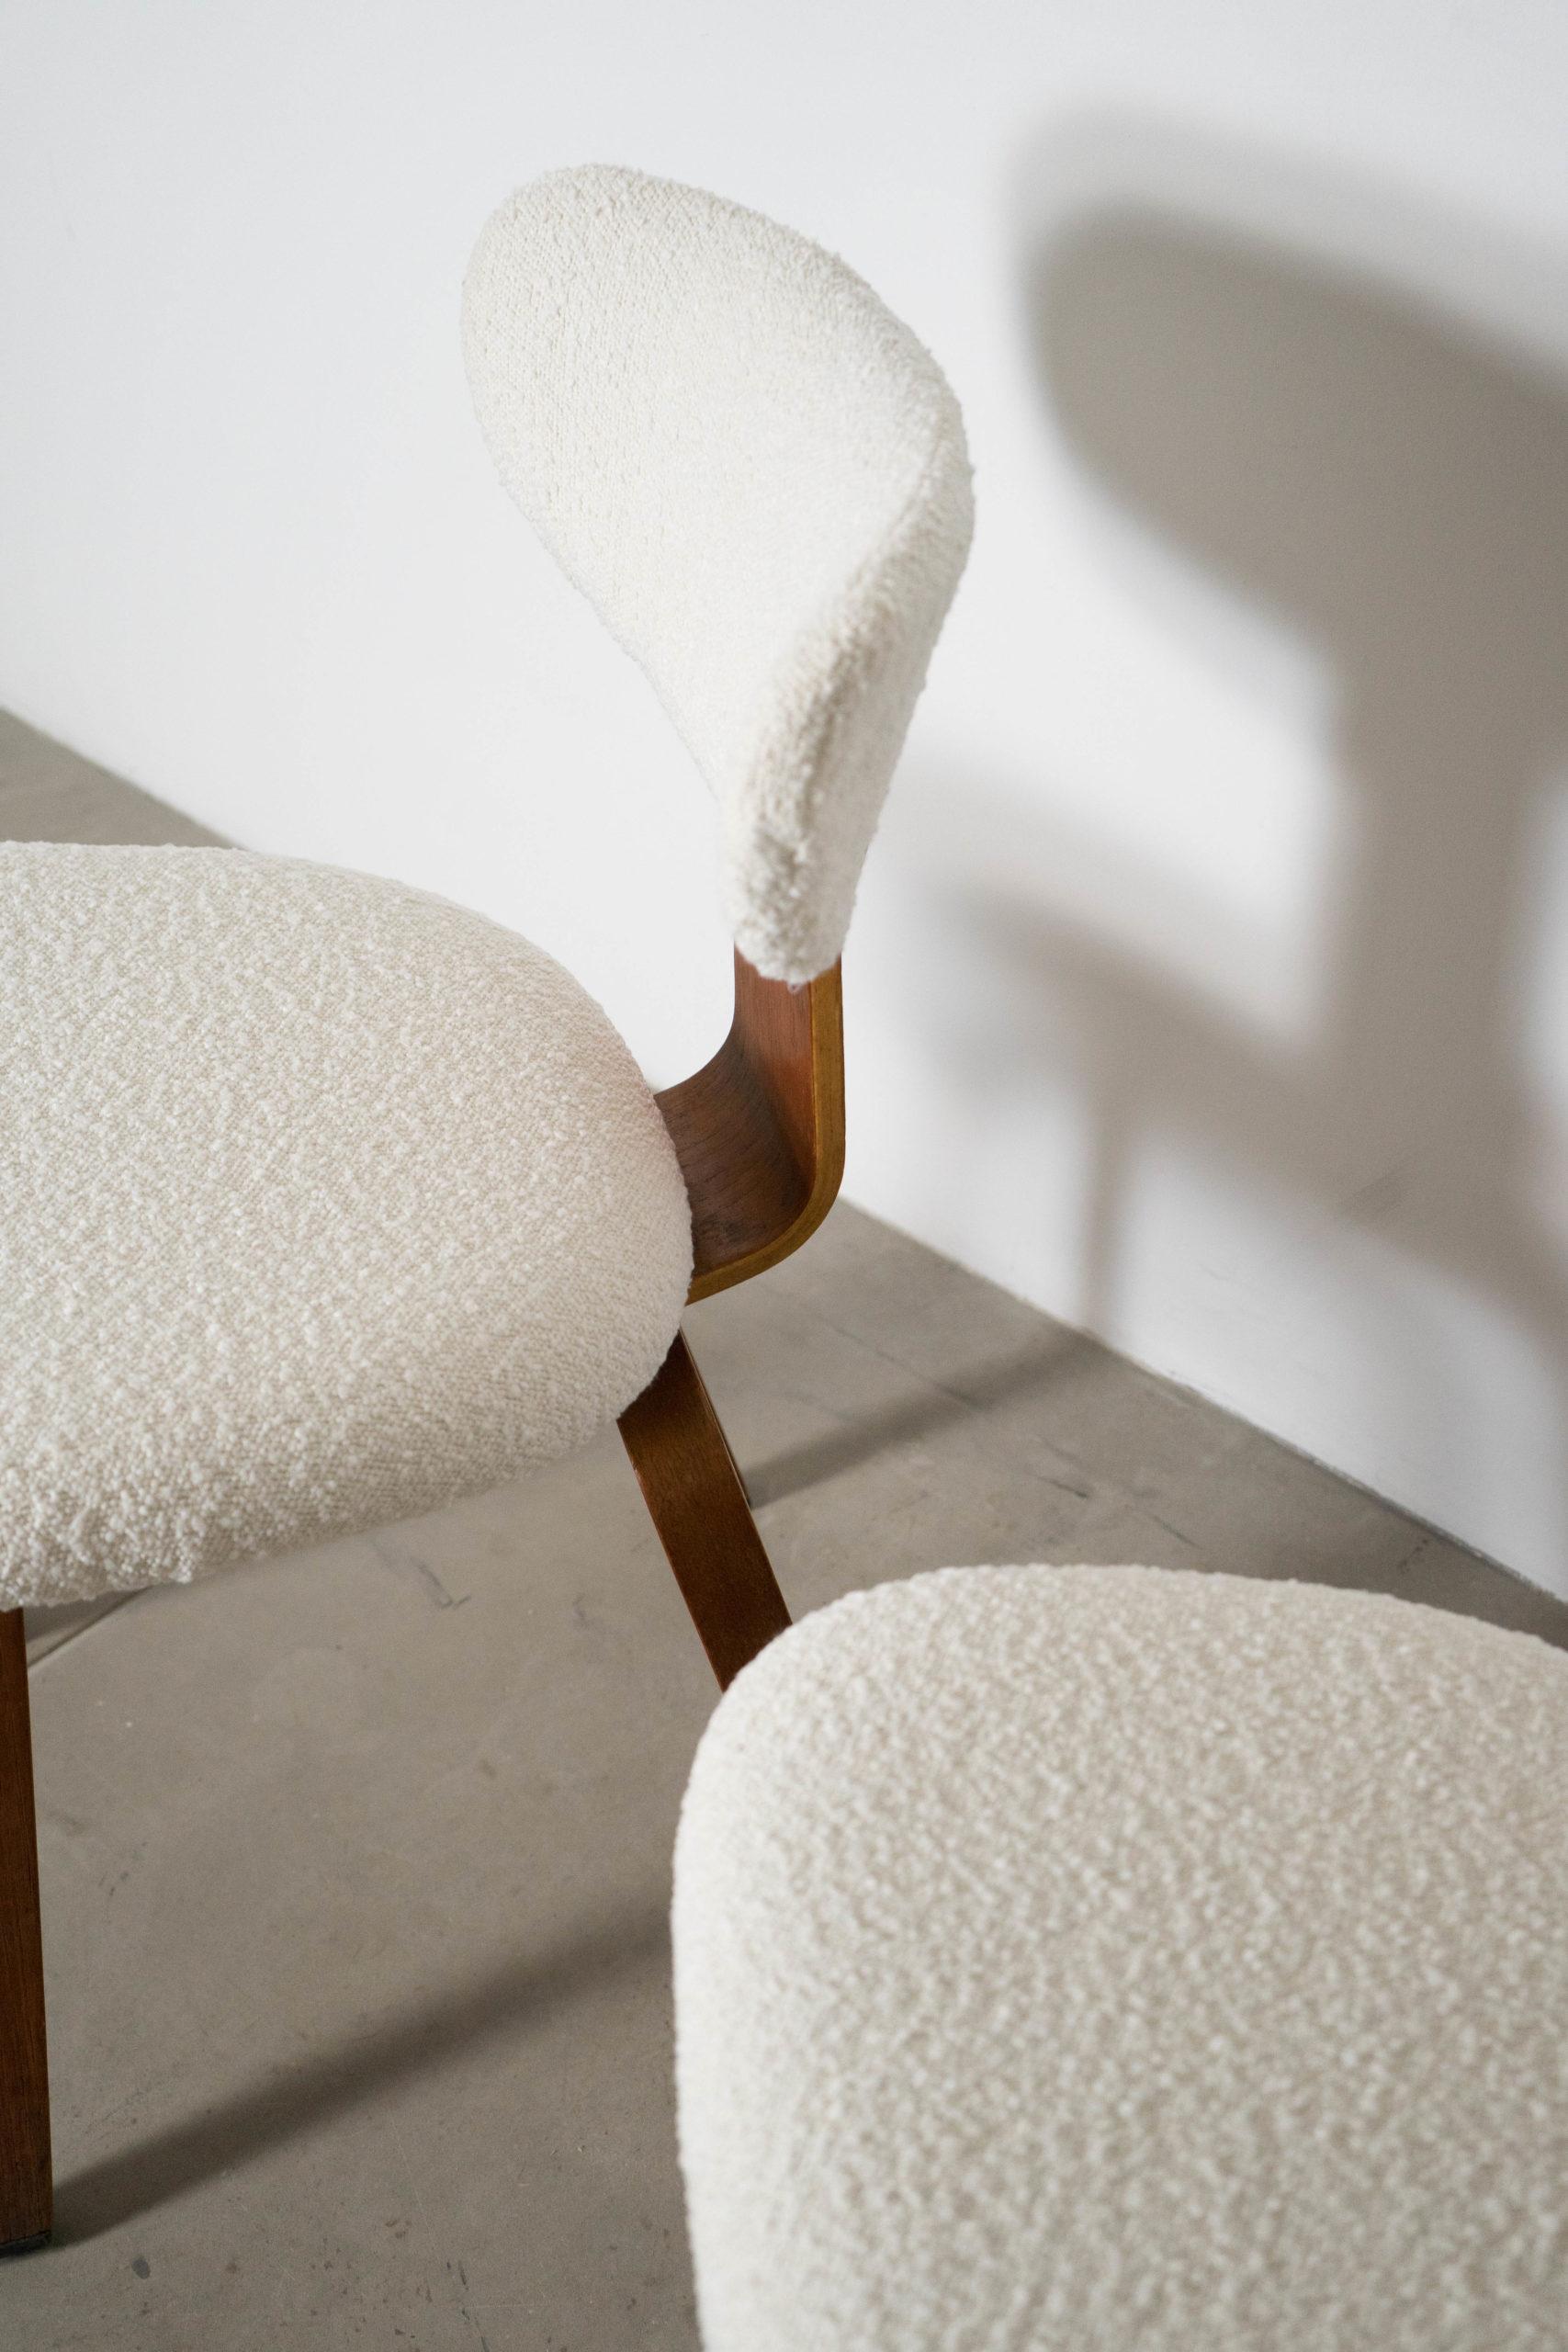 detalle de sillas cees de calidad hechas a mano